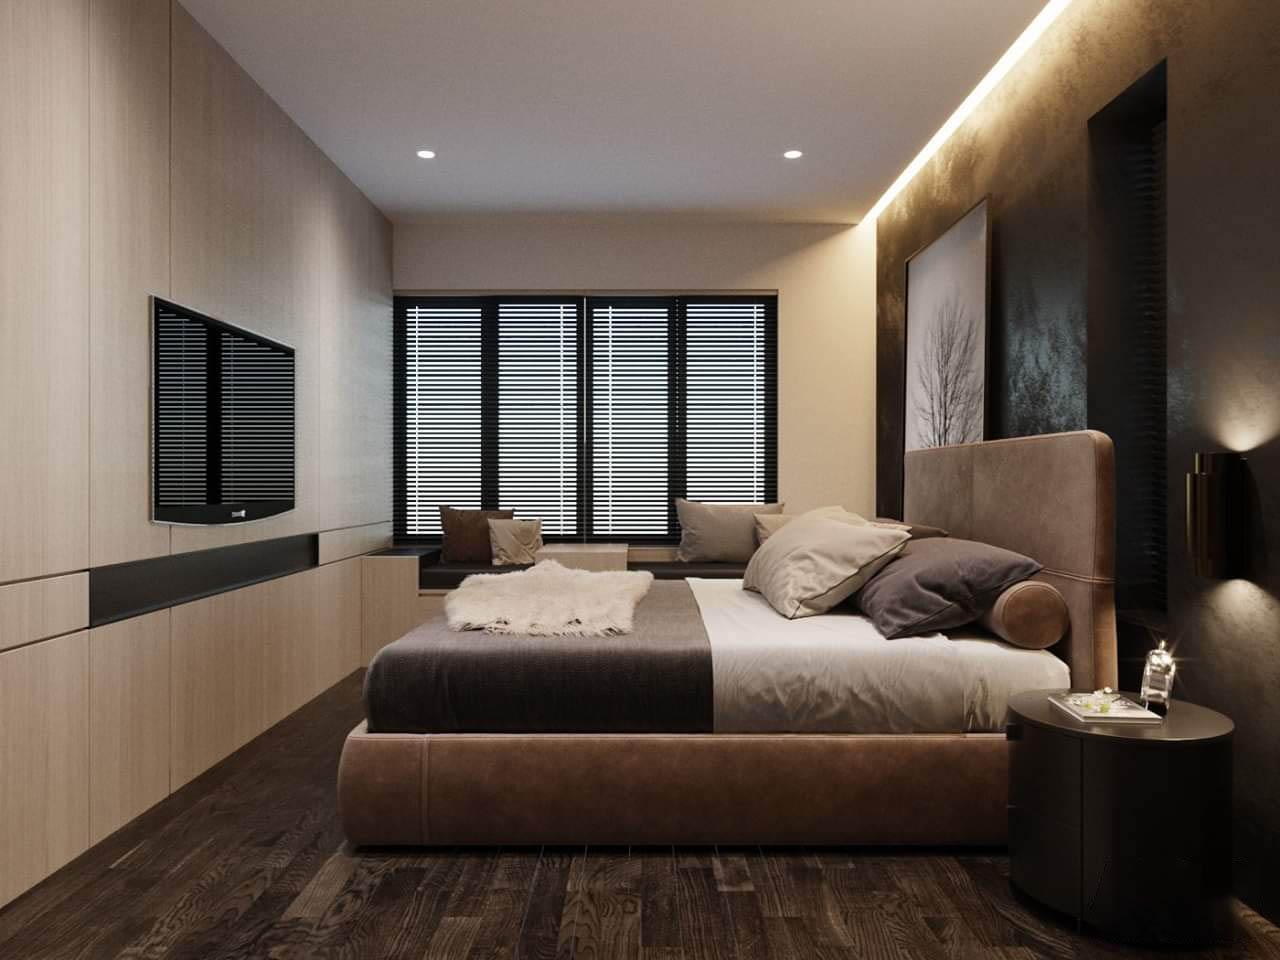 Căn hộ Eco Xuân Thuận An 1 phòng ngủ